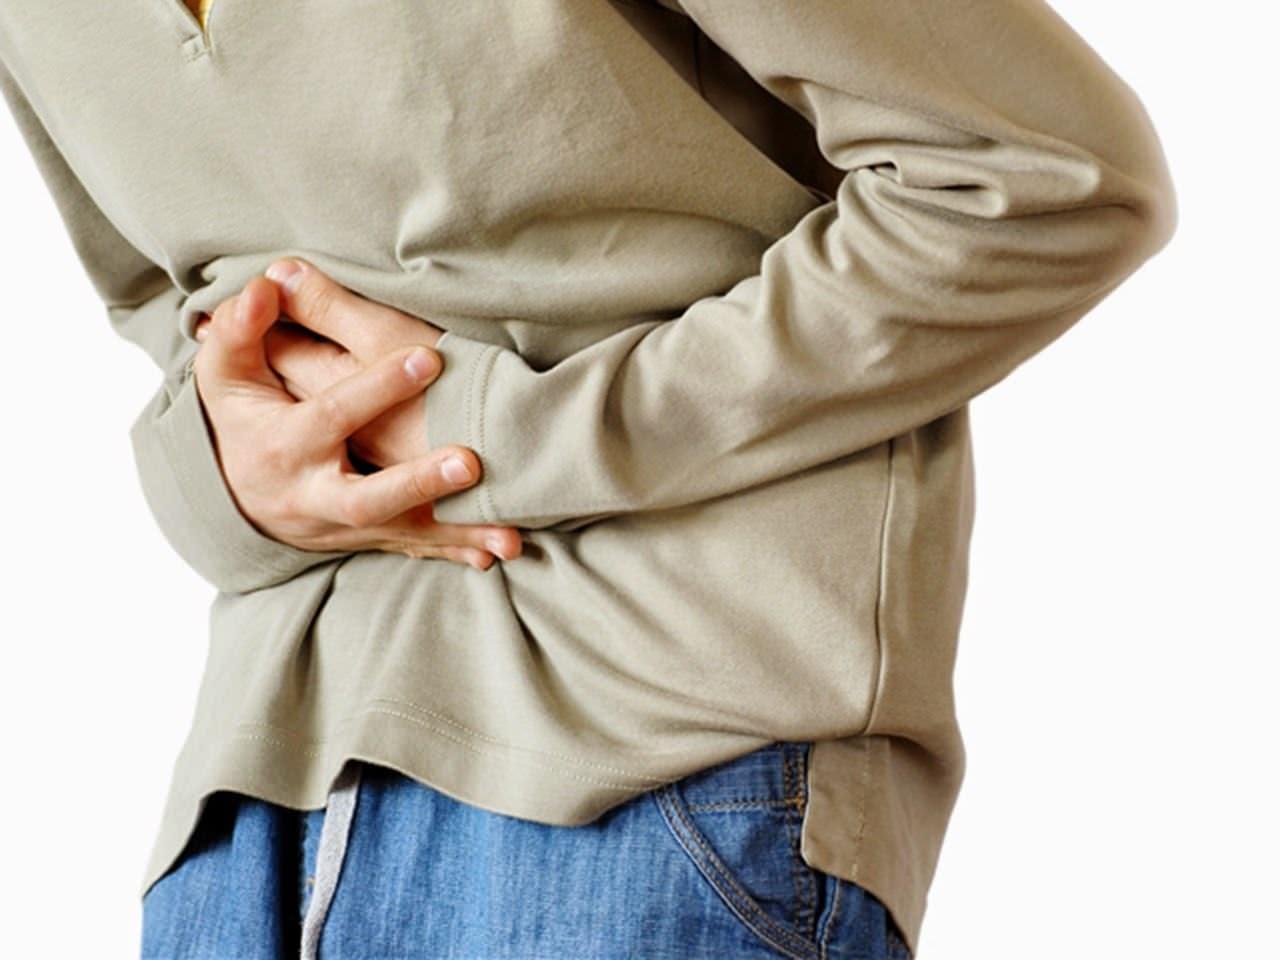 Perdida de peso por ansiedad y gases